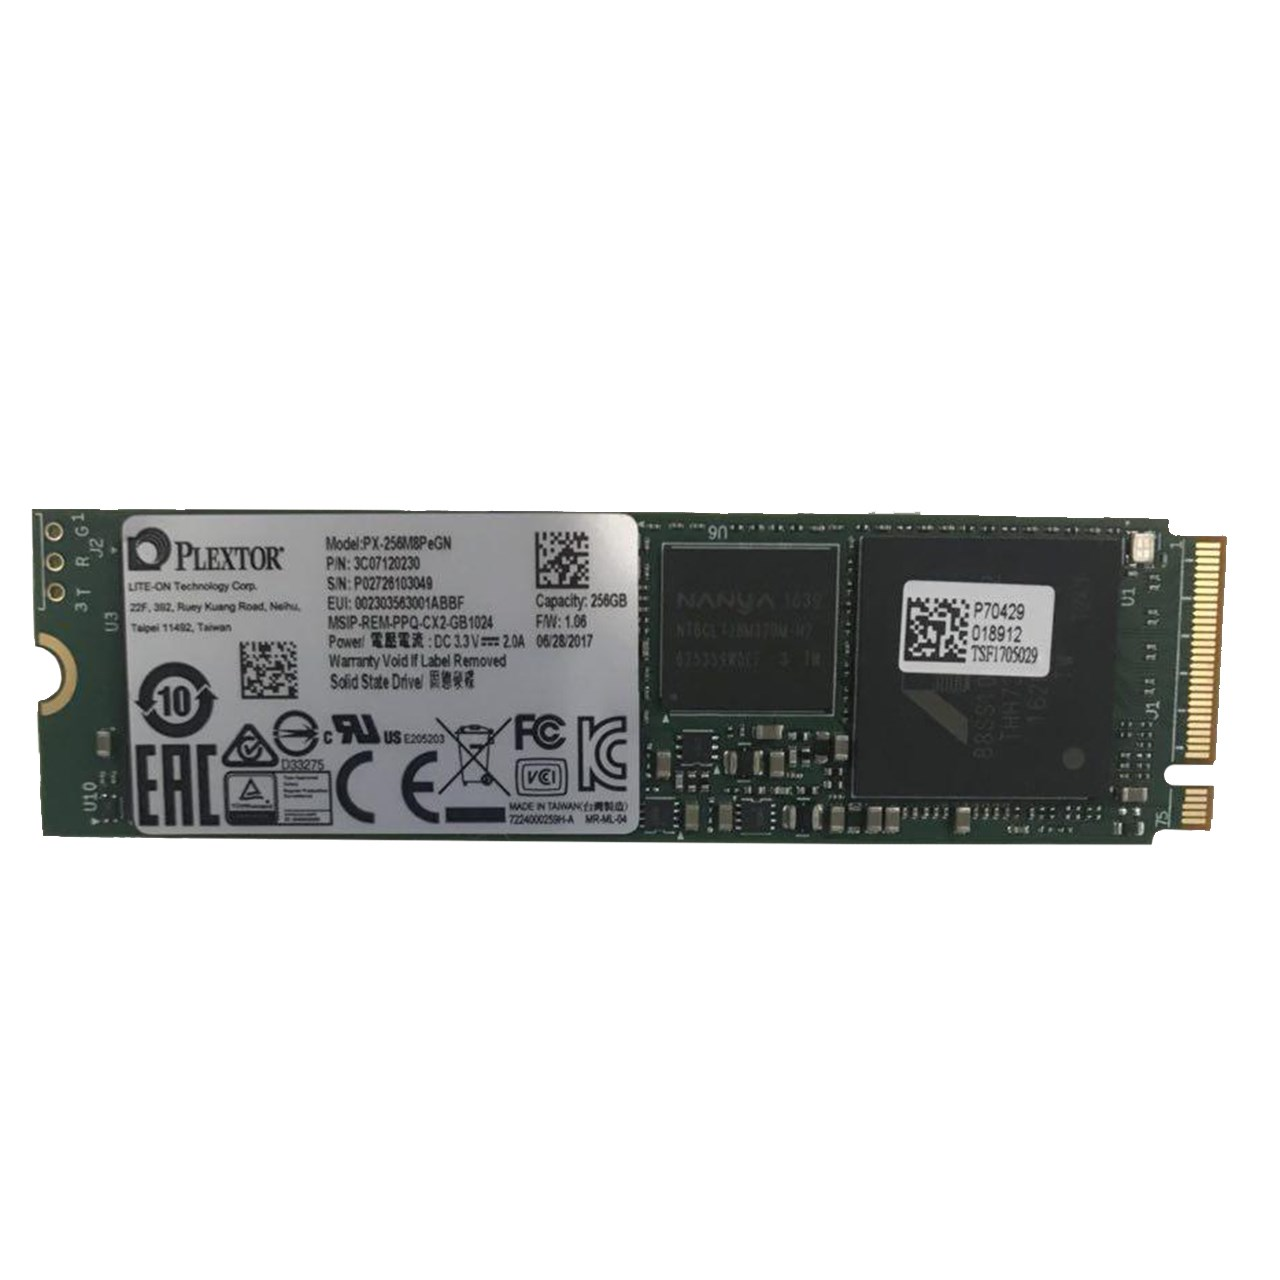 حافظه SSD پلکستور مدل M8Pe NVMe M.2 2280 ظرفیت 256 گیگابایت